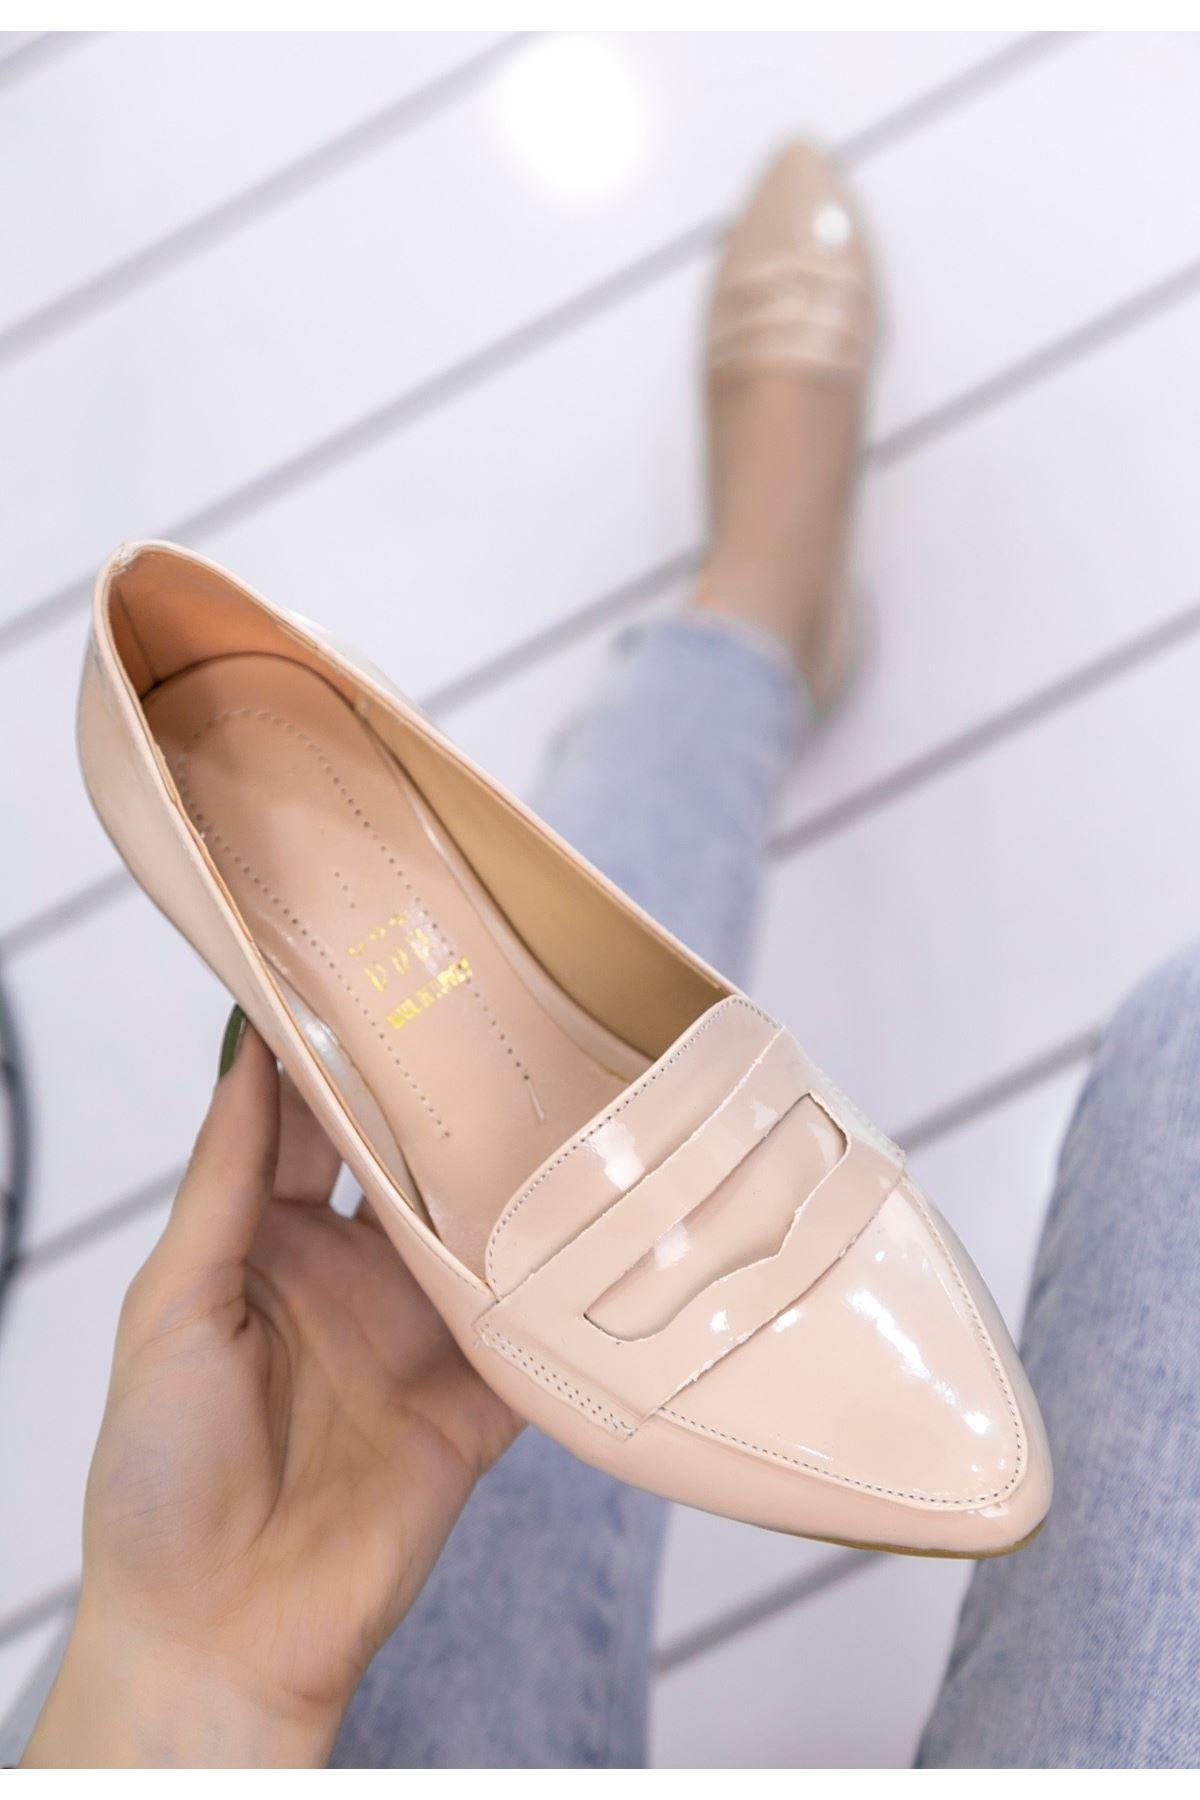 Reyna Krem Rugan Topuklu Ayakkabı